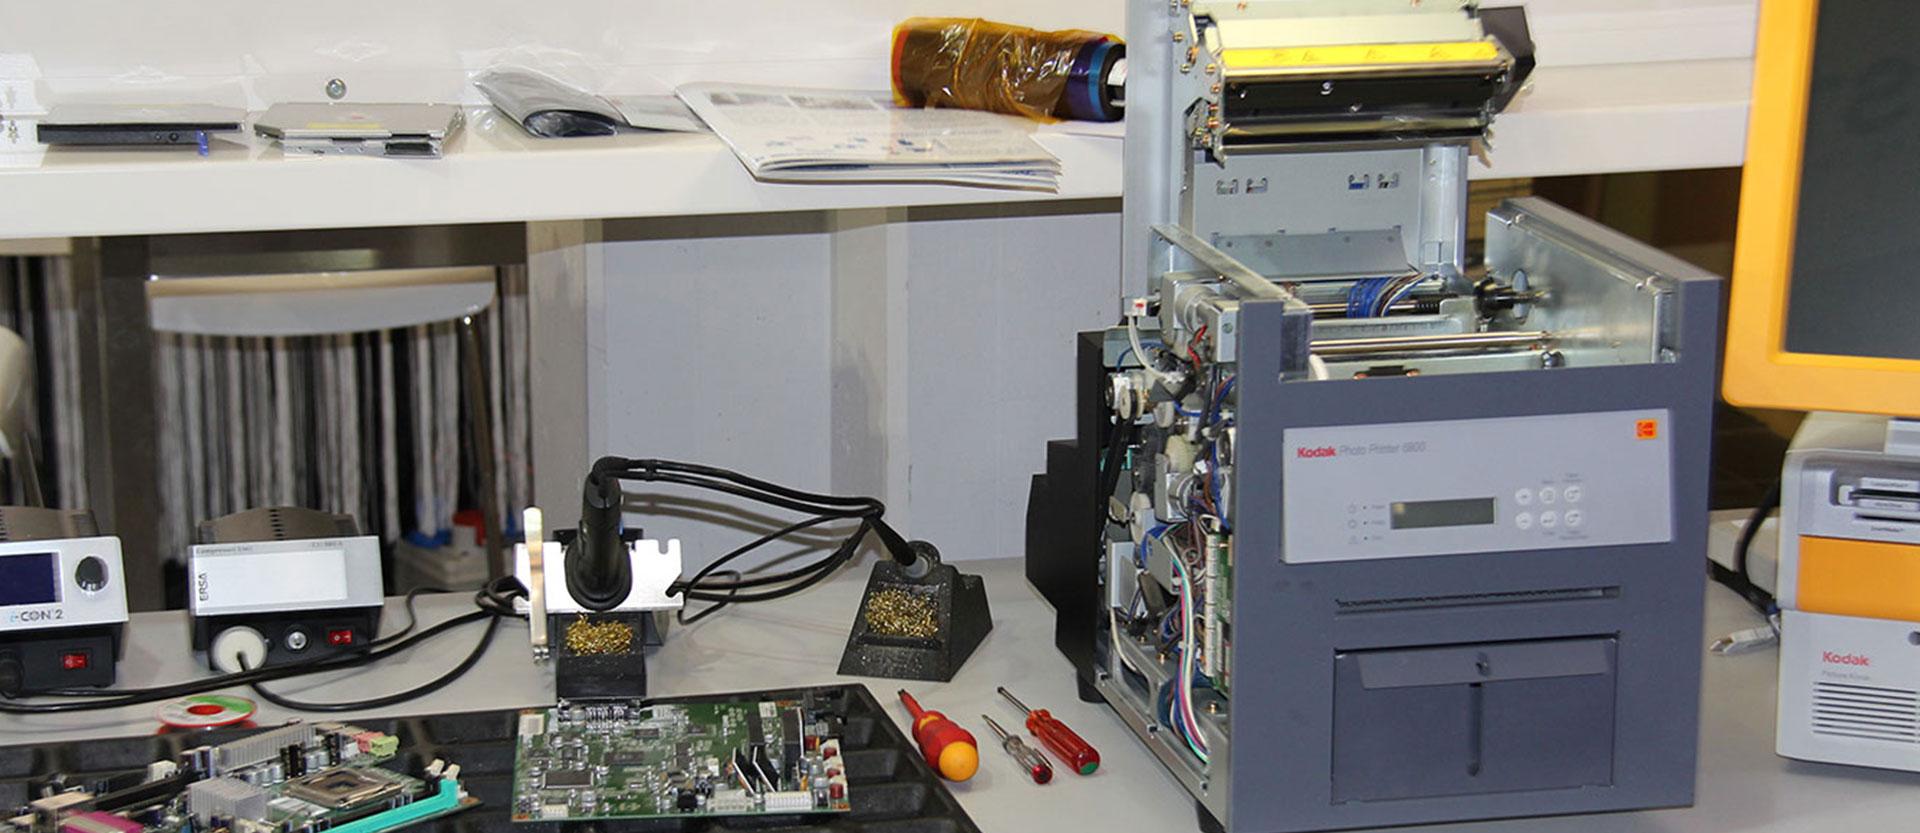 In Bauteile zerlegter Drucker